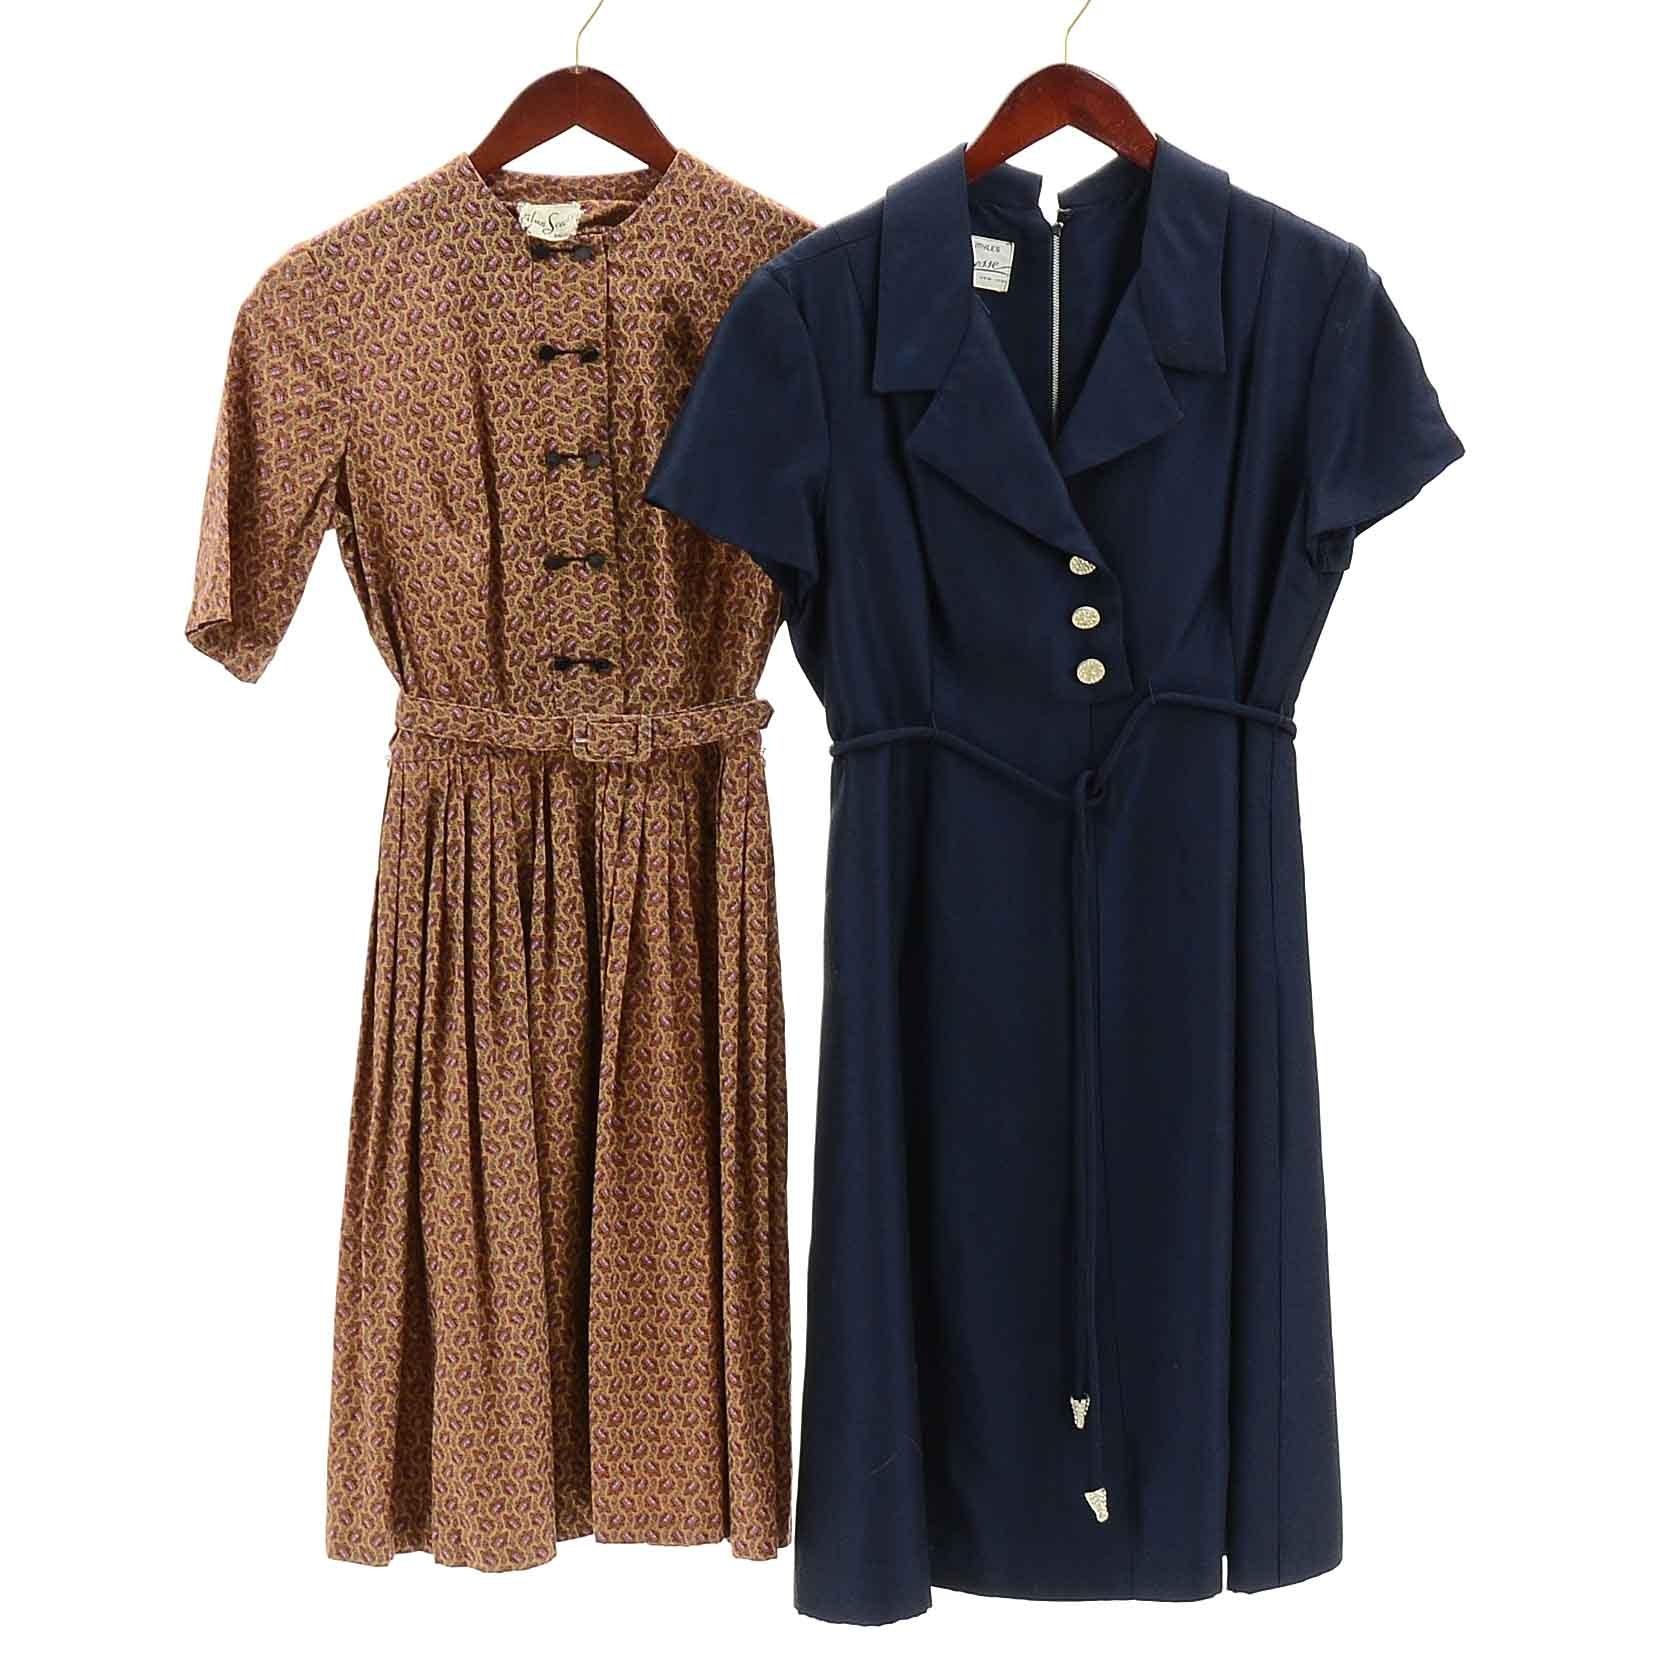 Vintage Day Dresses